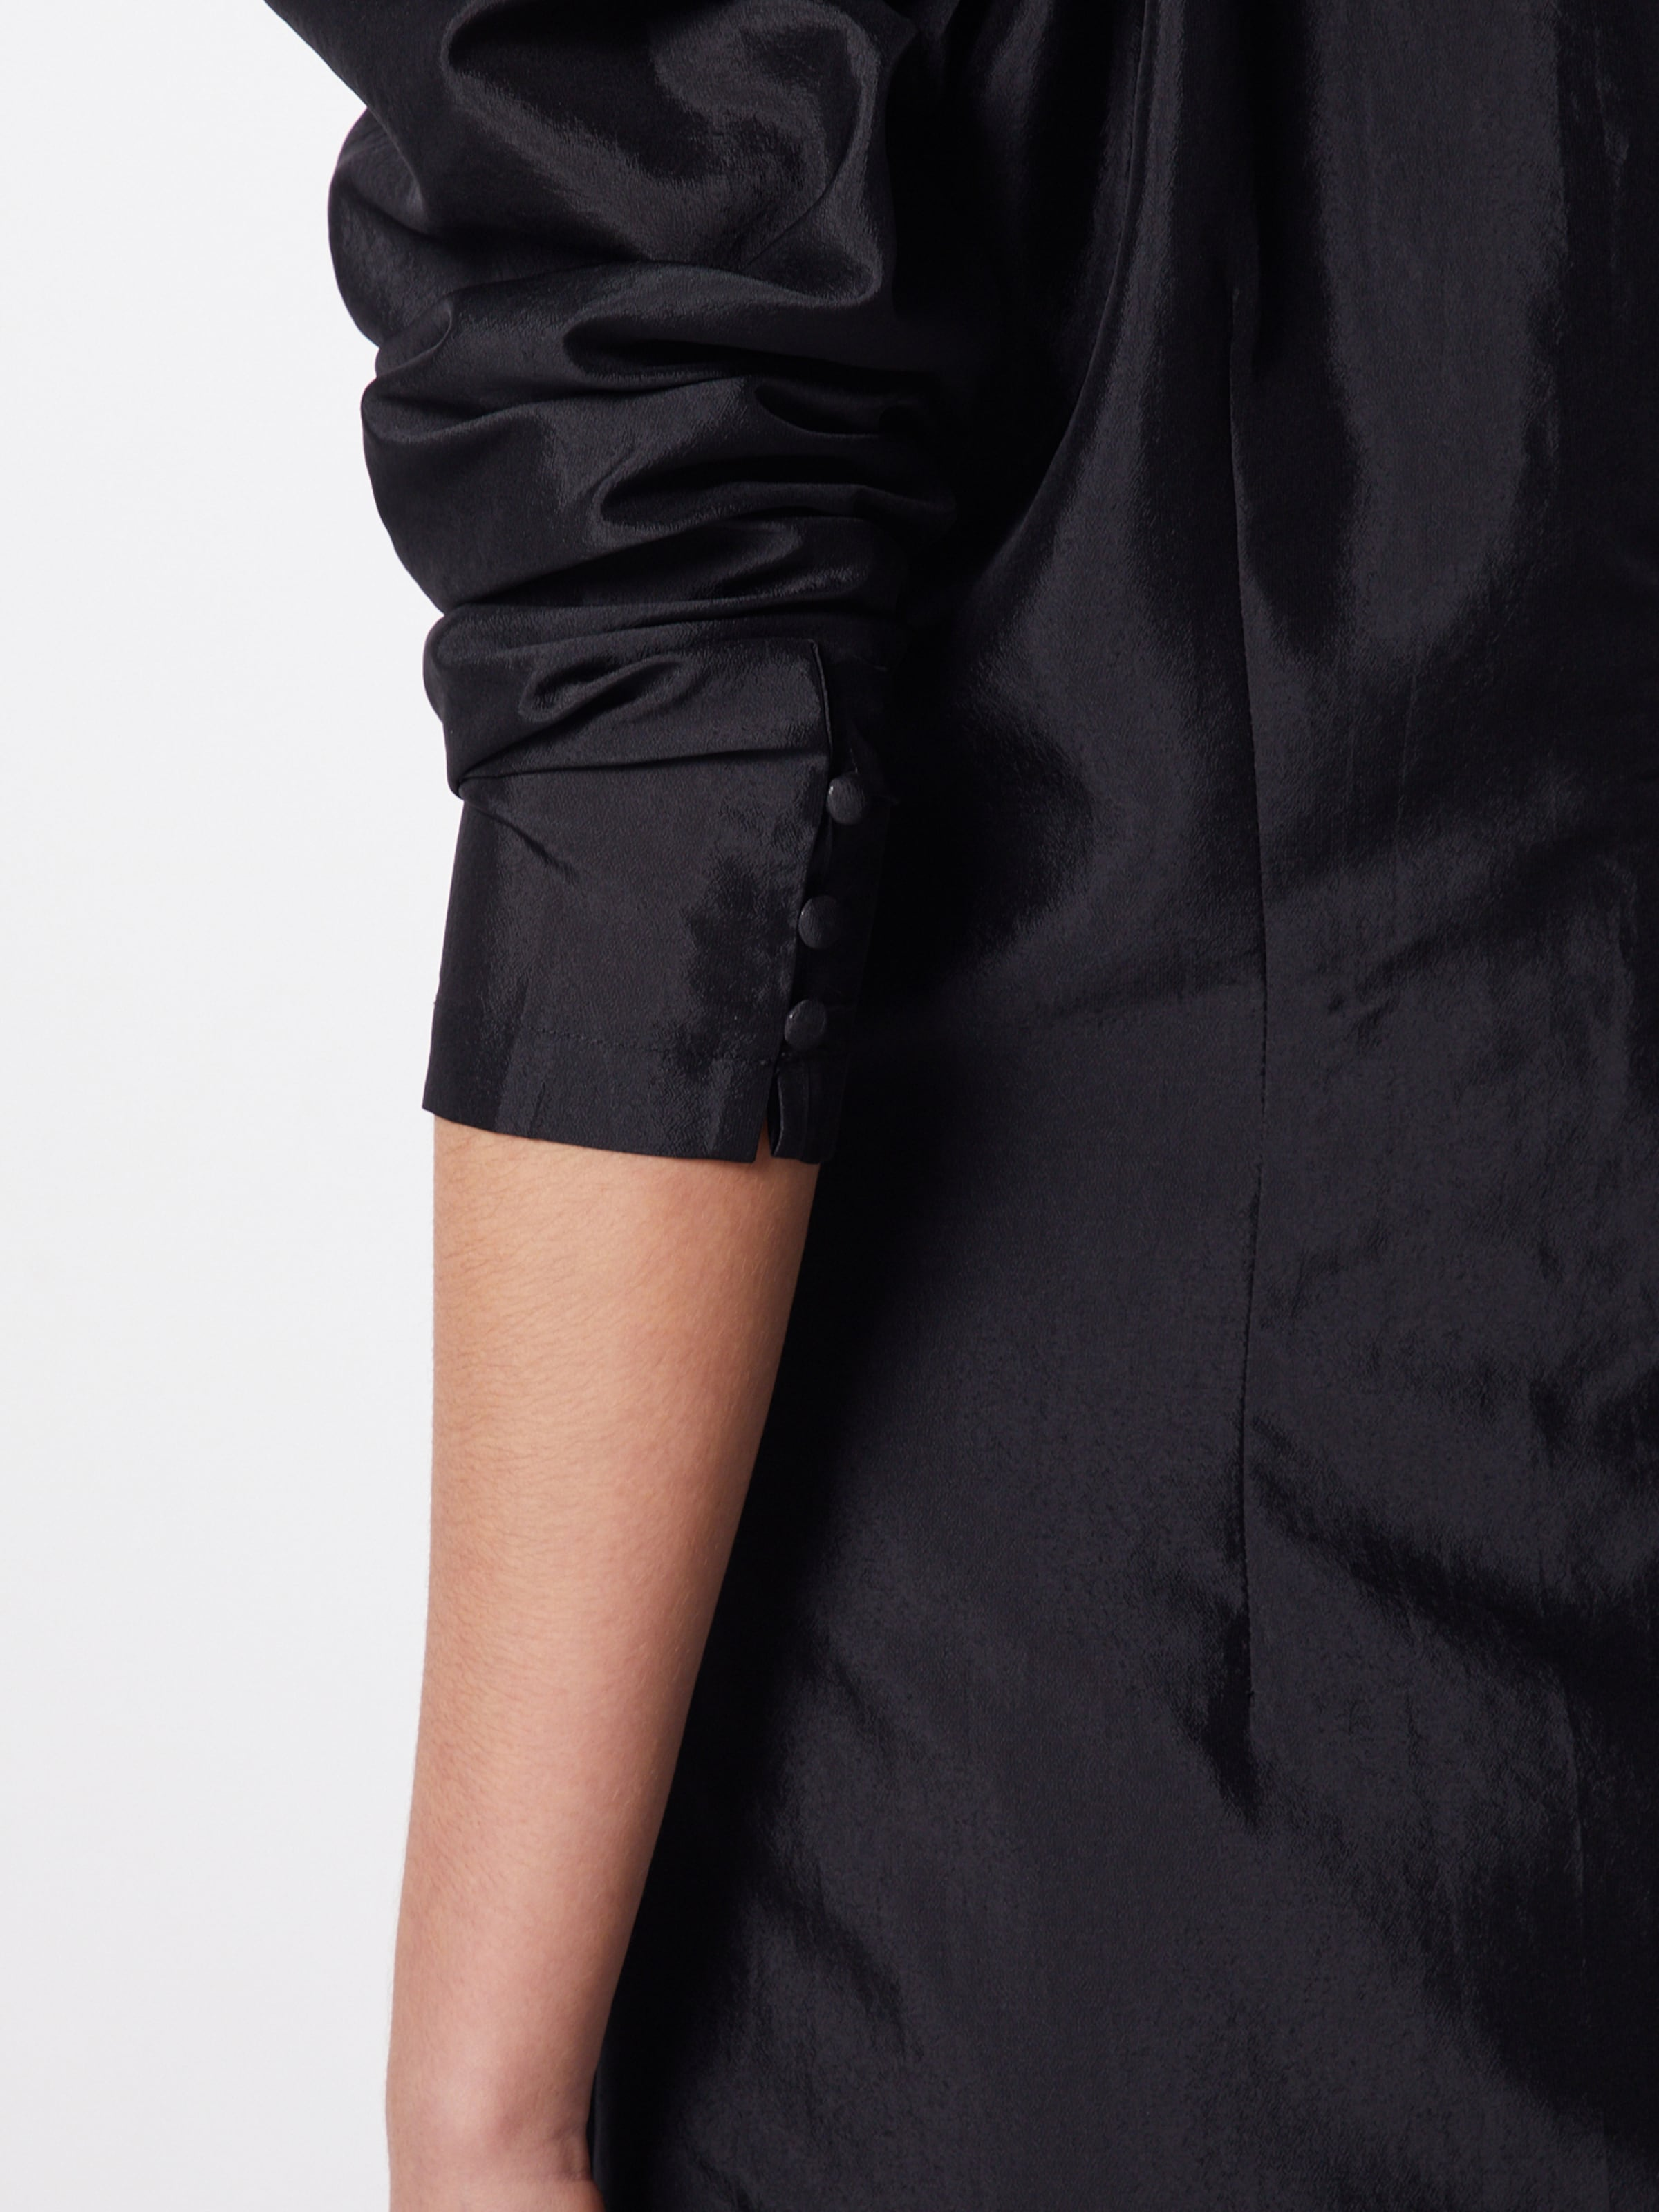 Neo Noir Koktélruhák 'Lucretia' fekete színben